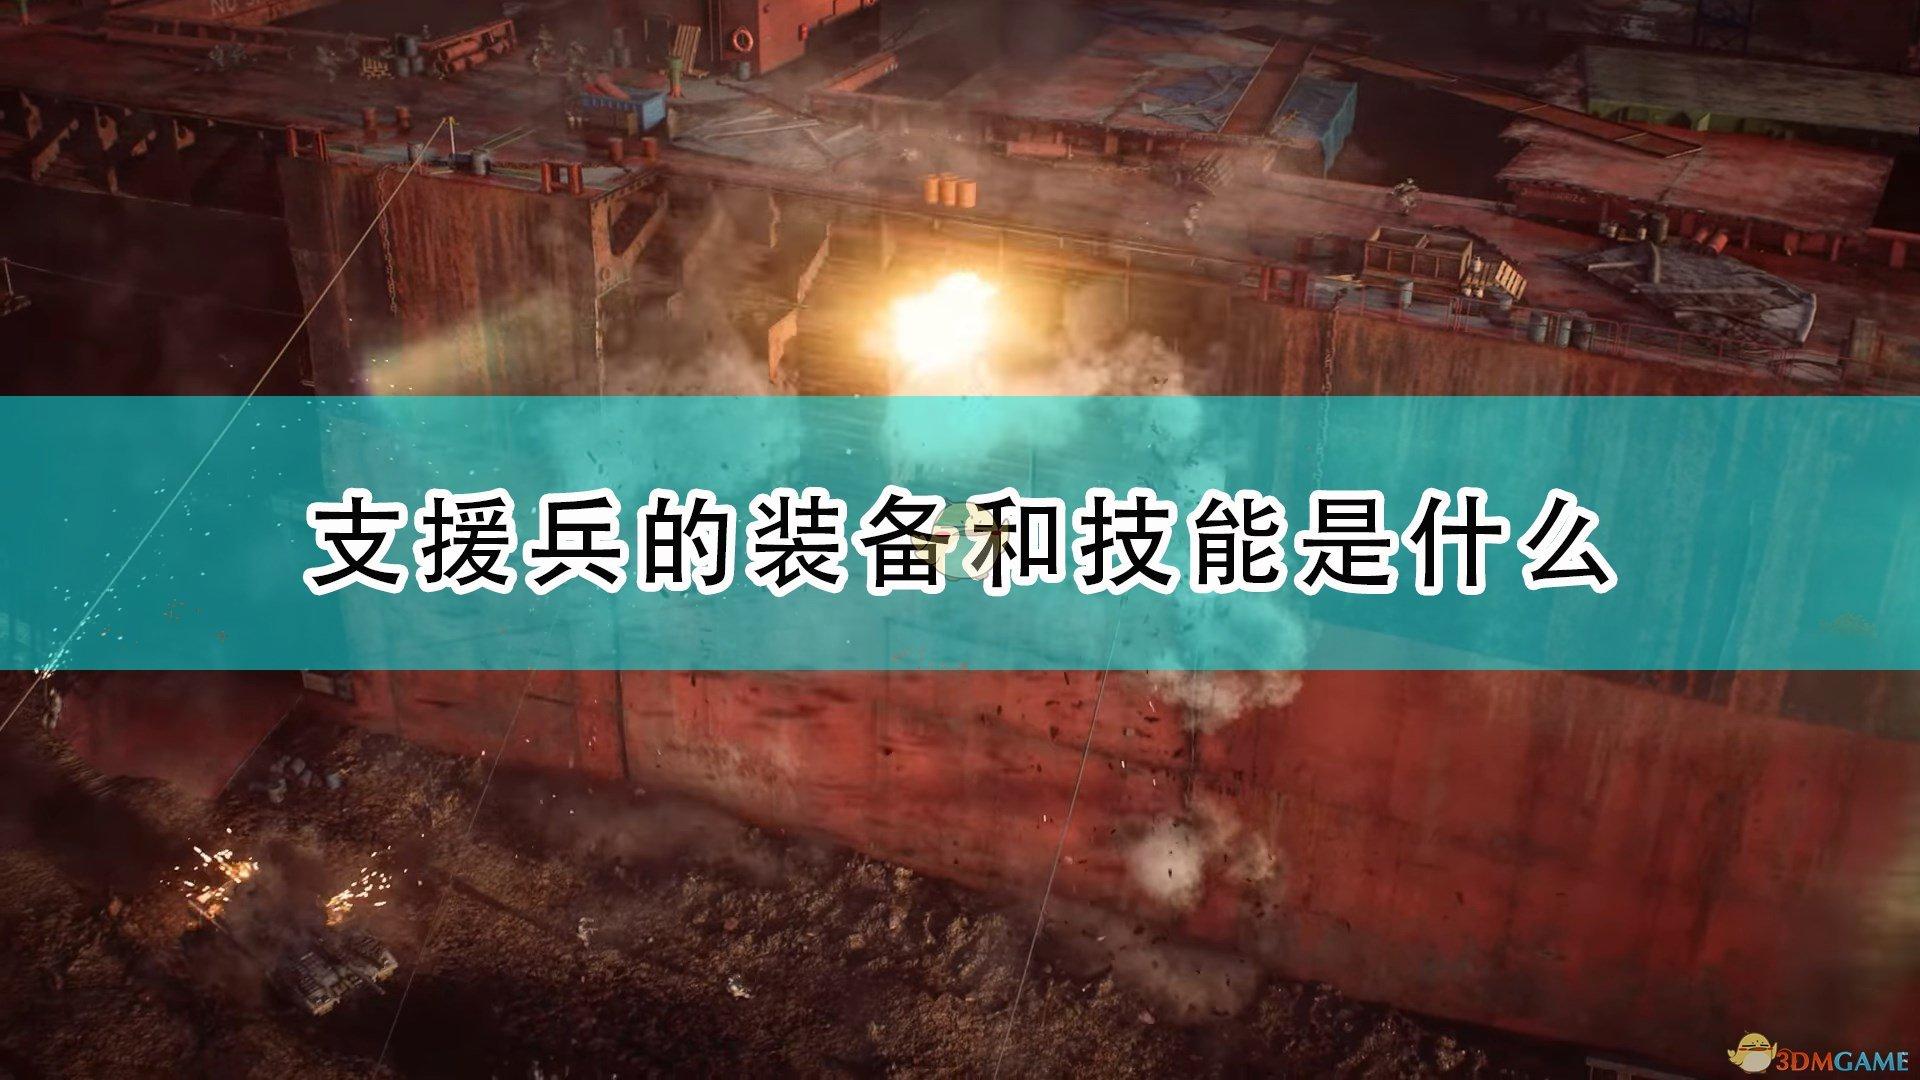 《戰地2042》支援兵裝備技能效果介紹